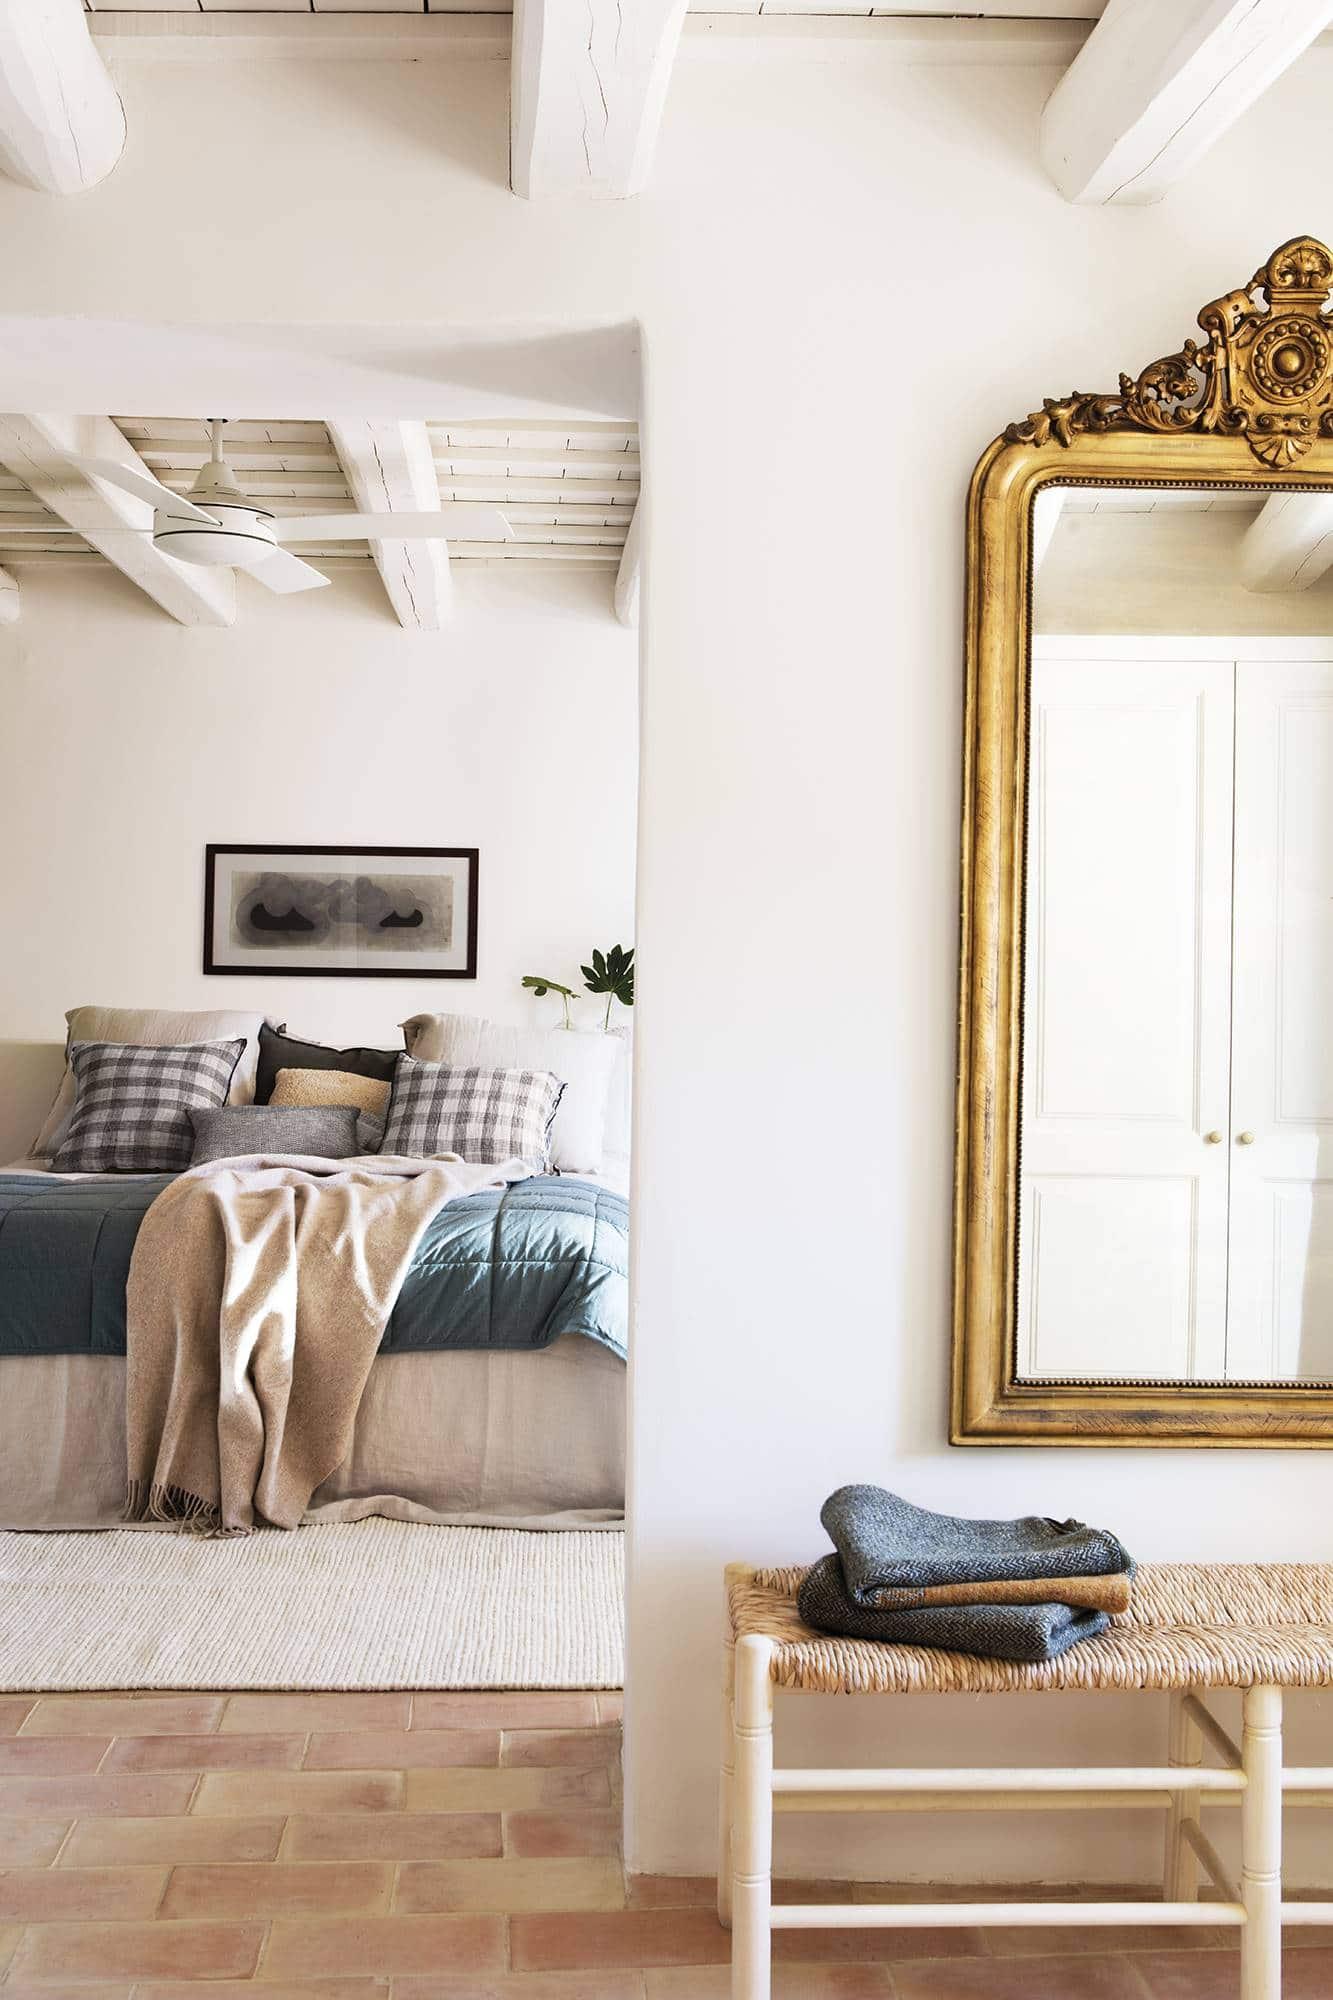 this is a calming bedroom by el mueble